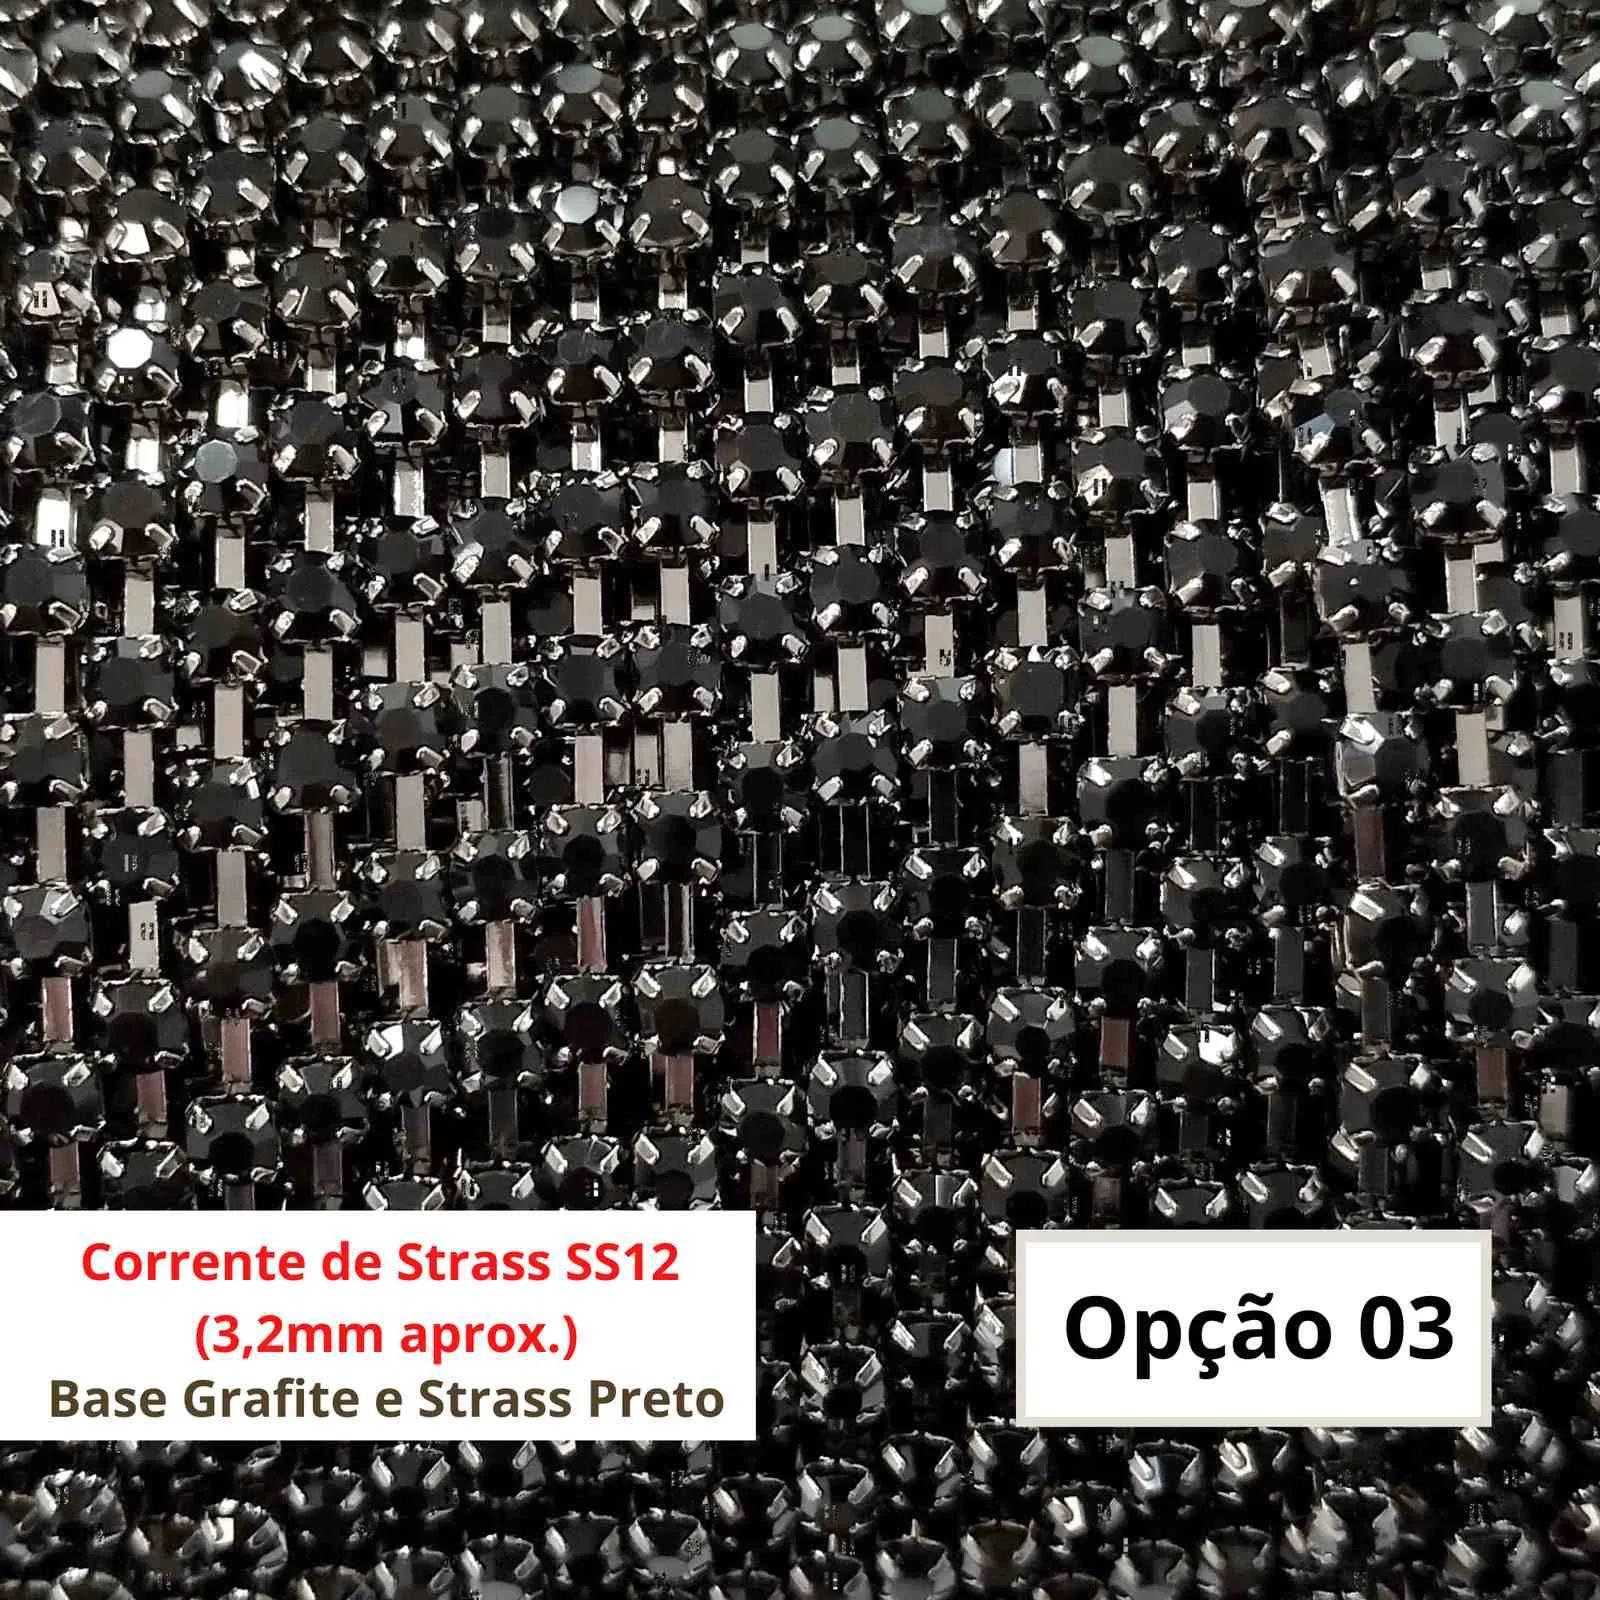 Strass de Corrente Original 2° Linha - SS12 (aprox. 3,2mm) - O metro